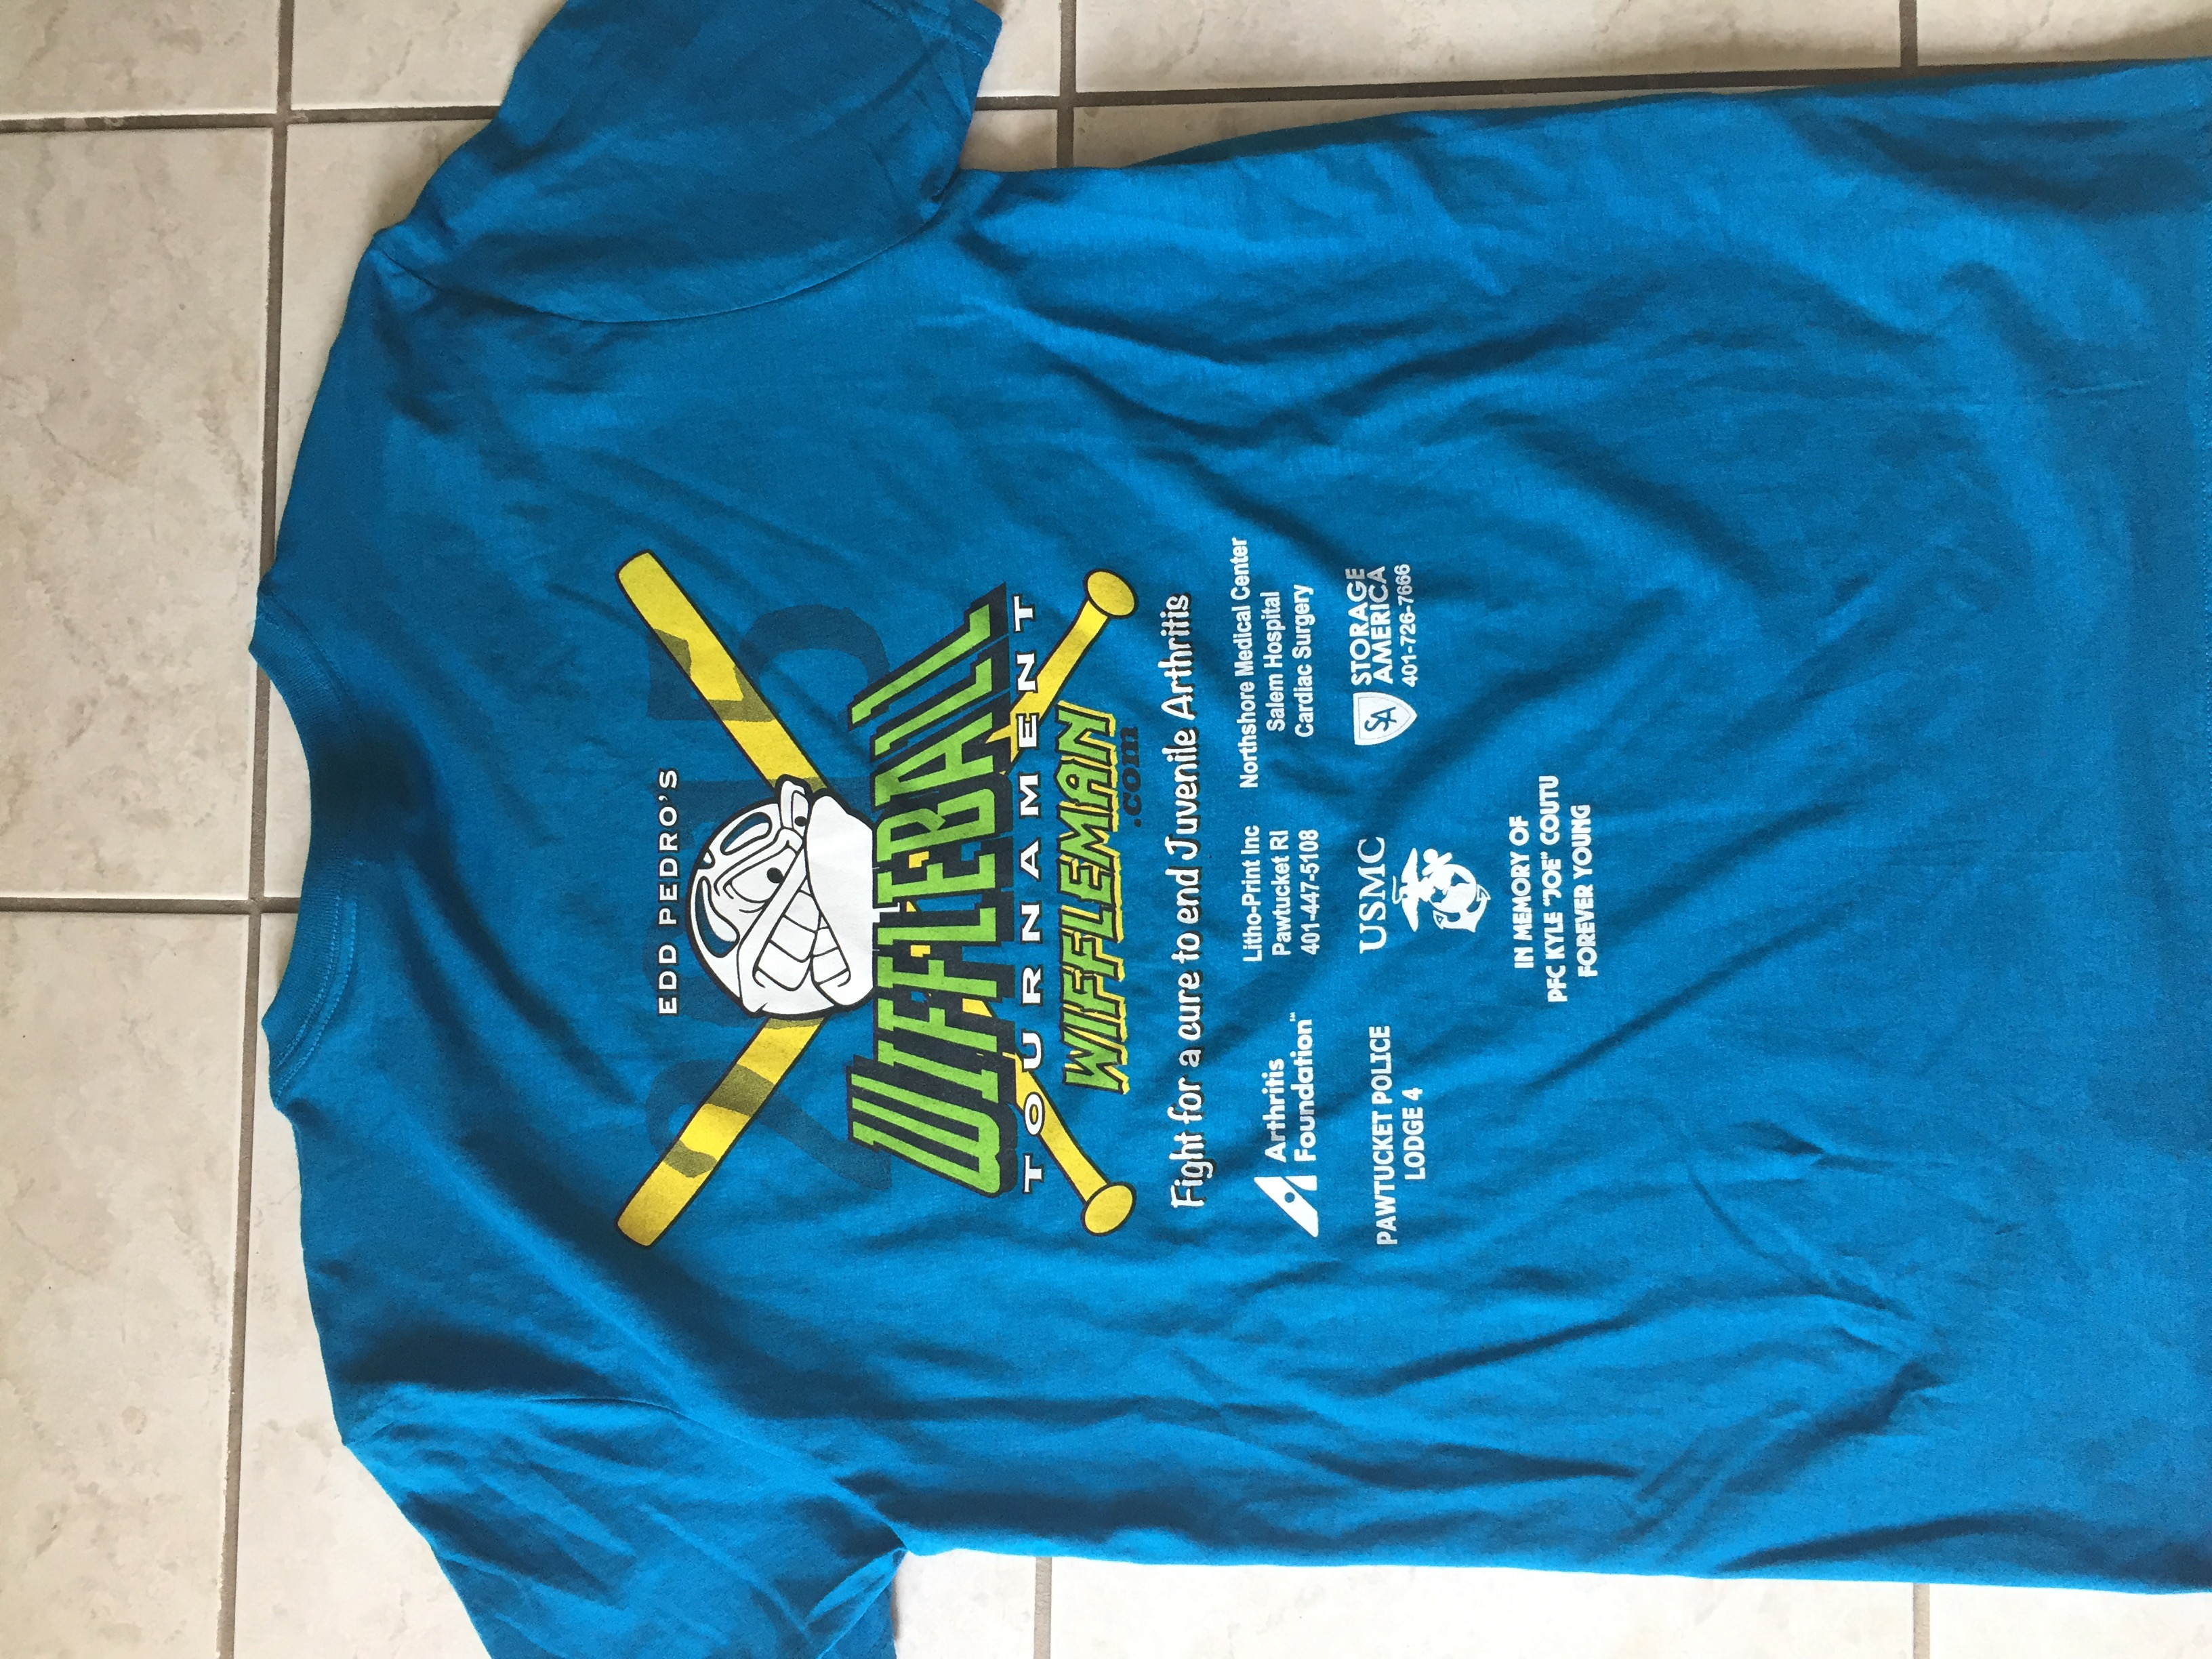 Wiffleball Tournament